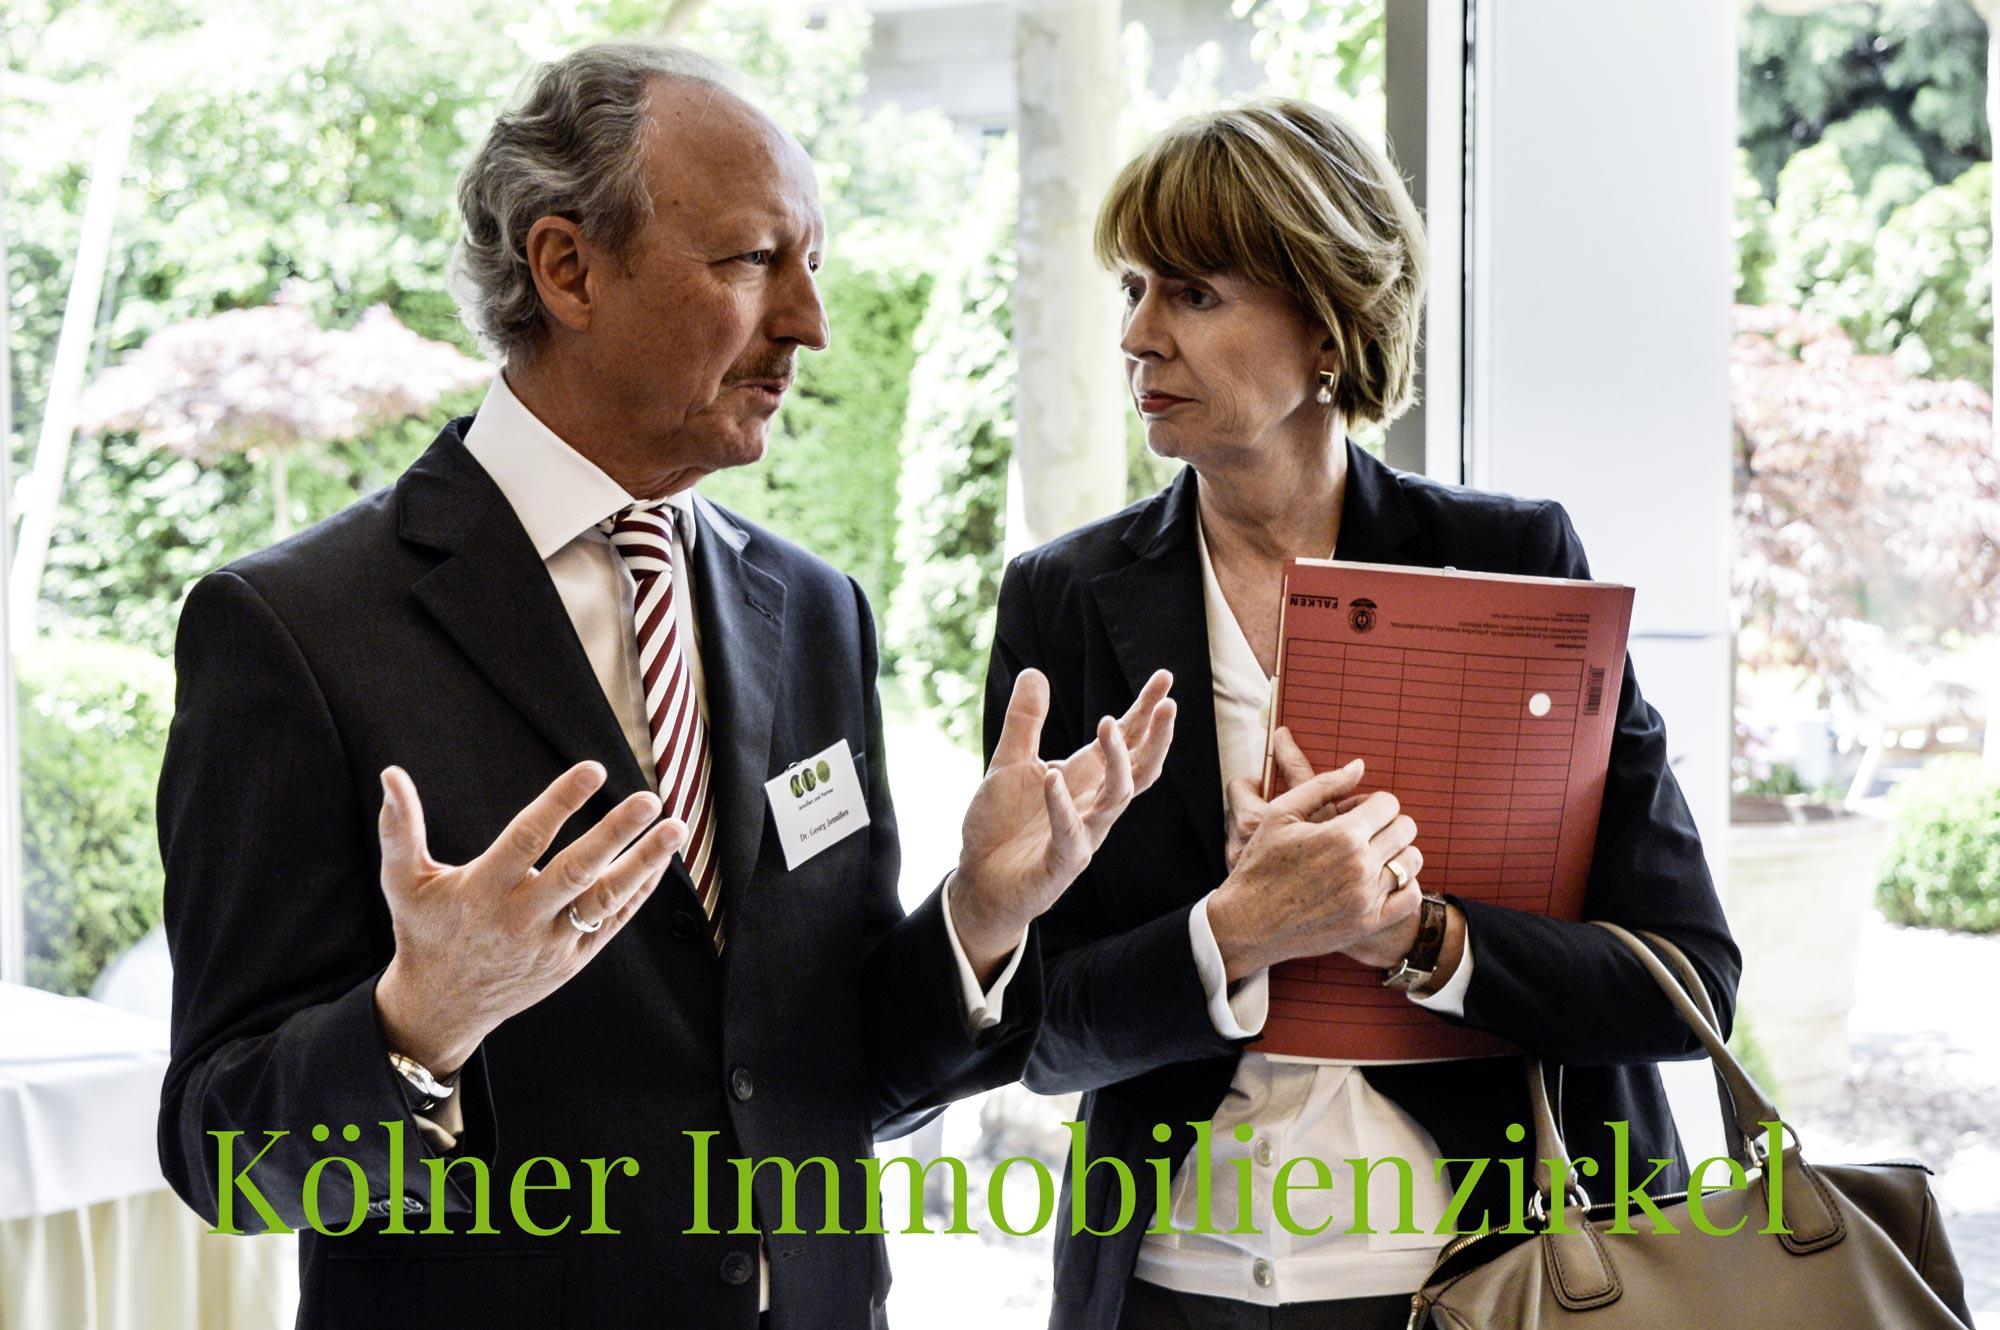 Immobilienzirkel_Jennissen_und_Buergermeisterin_IV